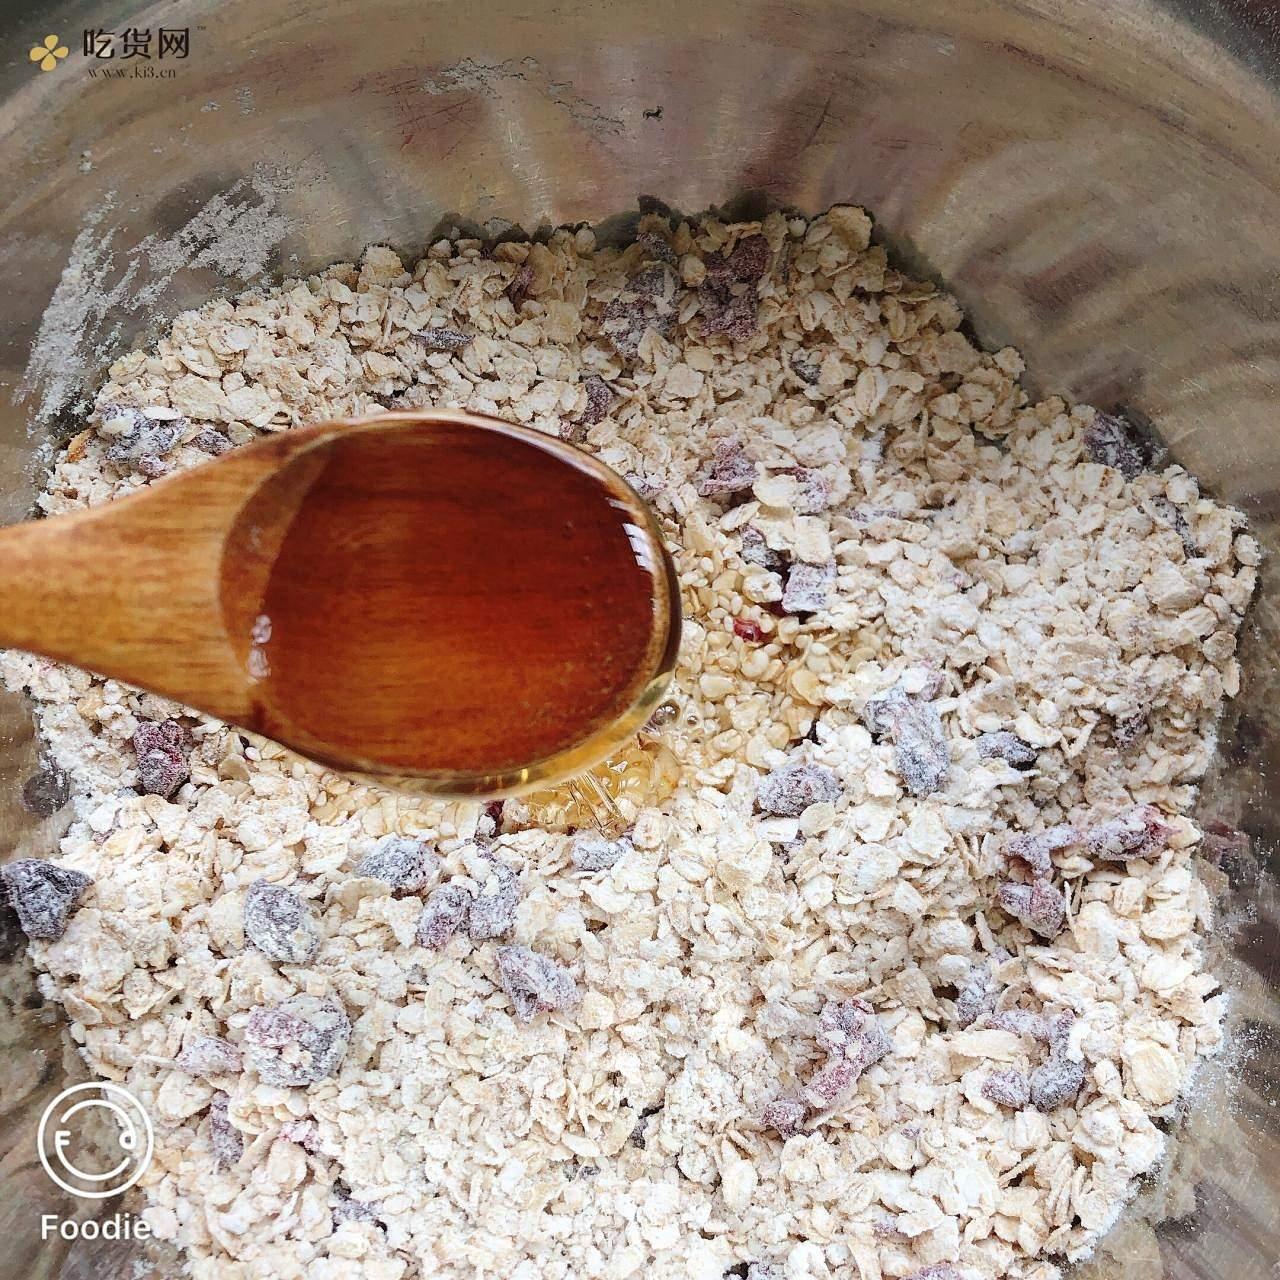 低卡零食 蜂蜜柠檬燕麦饼干的做法 步骤4